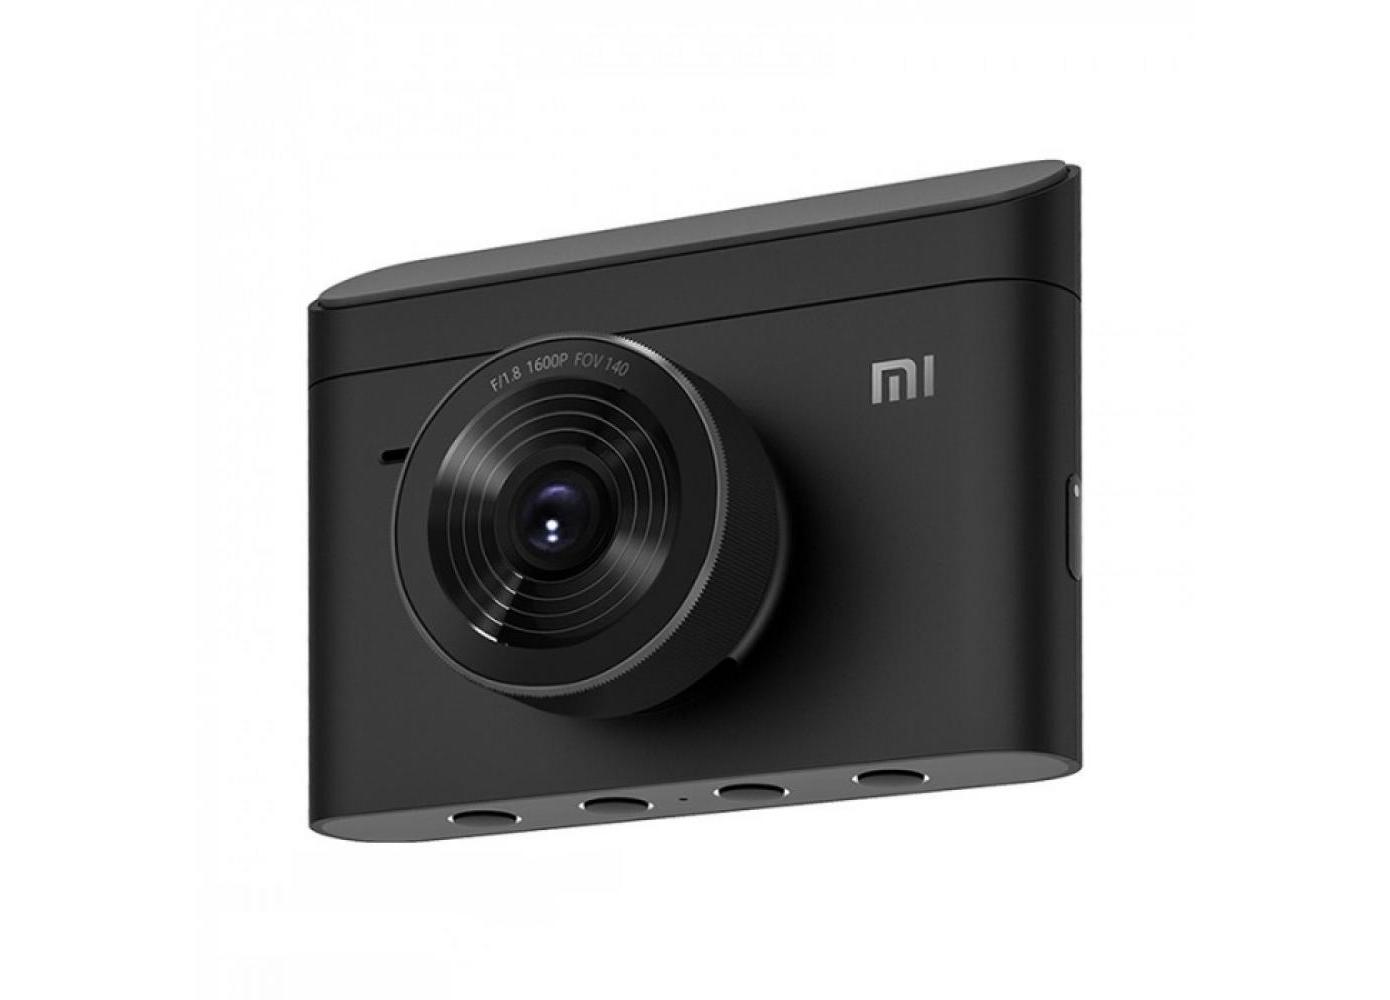 Opisanie Videoregistrator Xiaomi Mi Recorder 2 2k Xmmjjly03 1